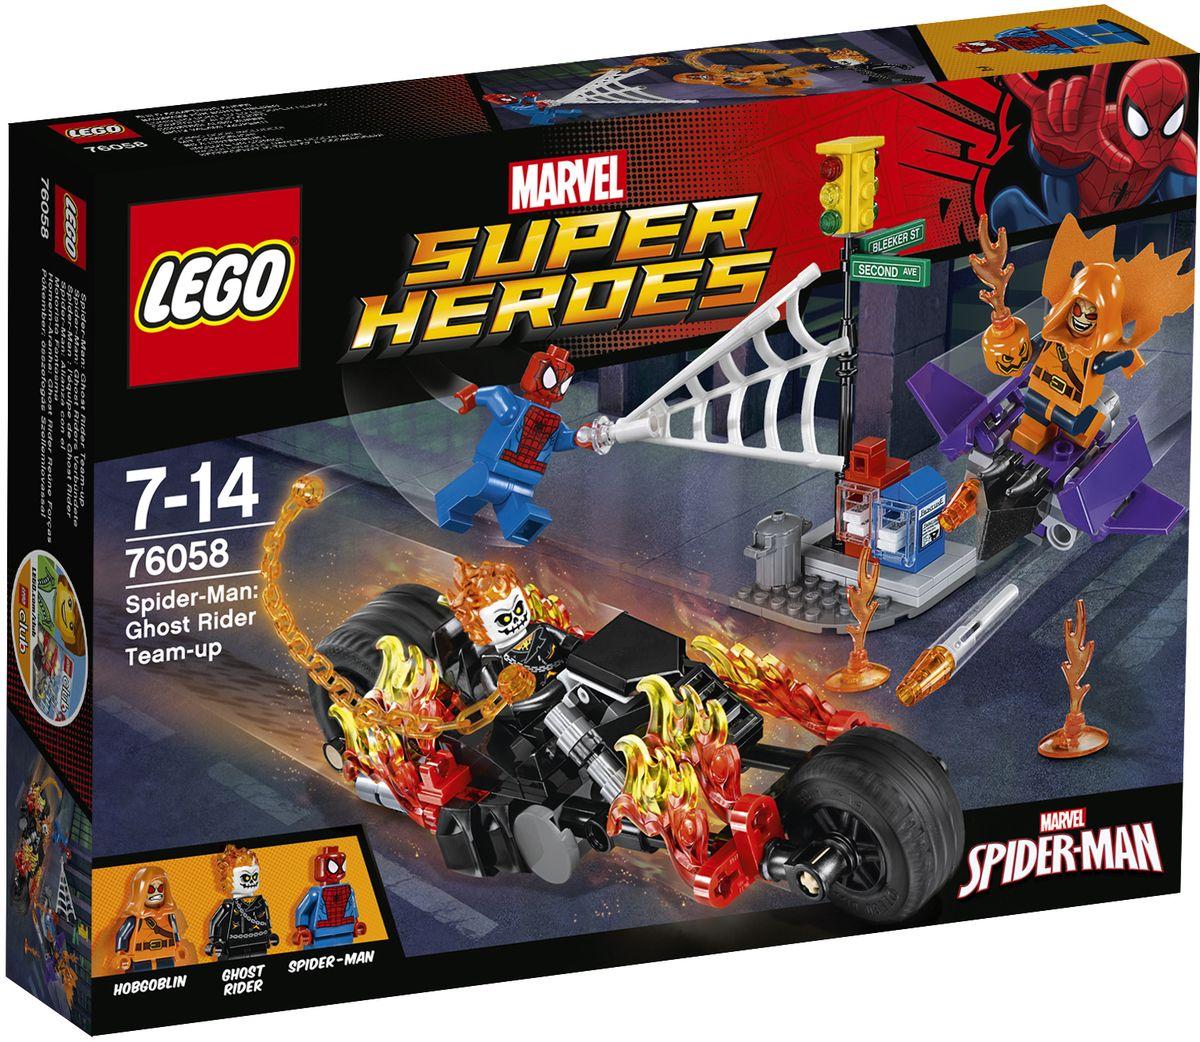 LEGO Super Heroes Конструктор Человек-паук Союз с Призрачным гонщиком 76058 картинки человека паука лего